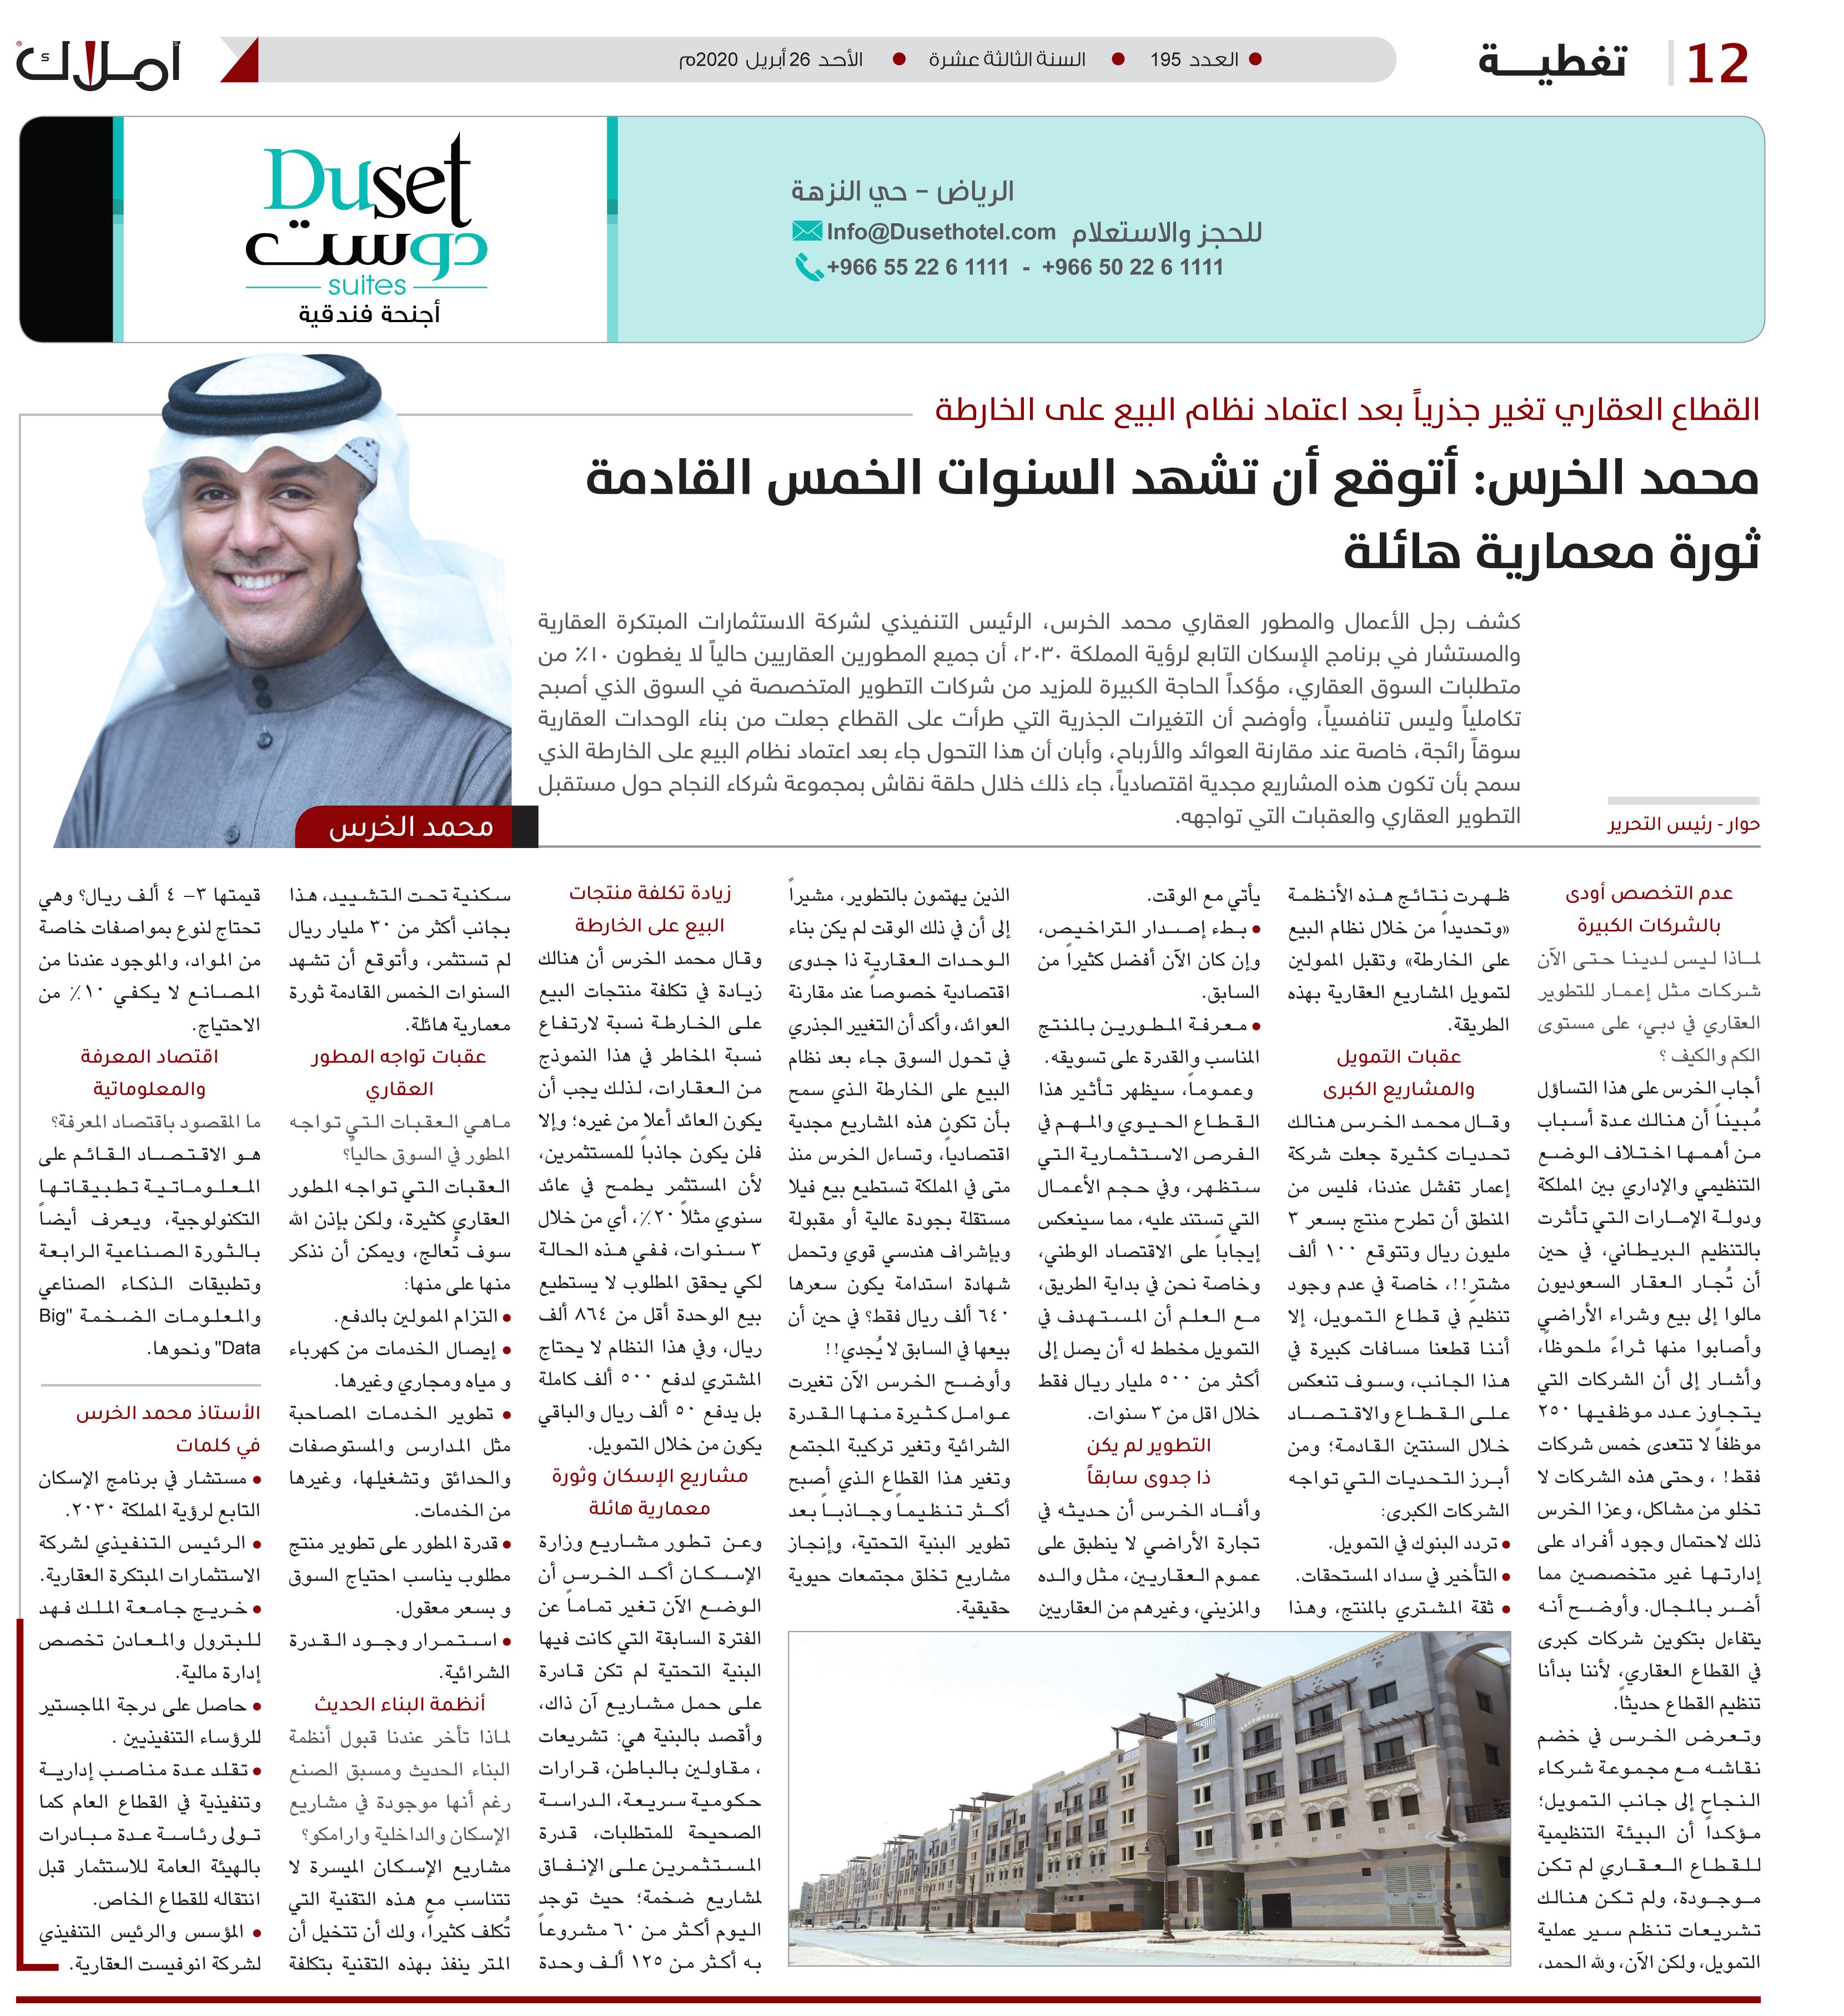 حوار محمد الخرس تطوير عقاري